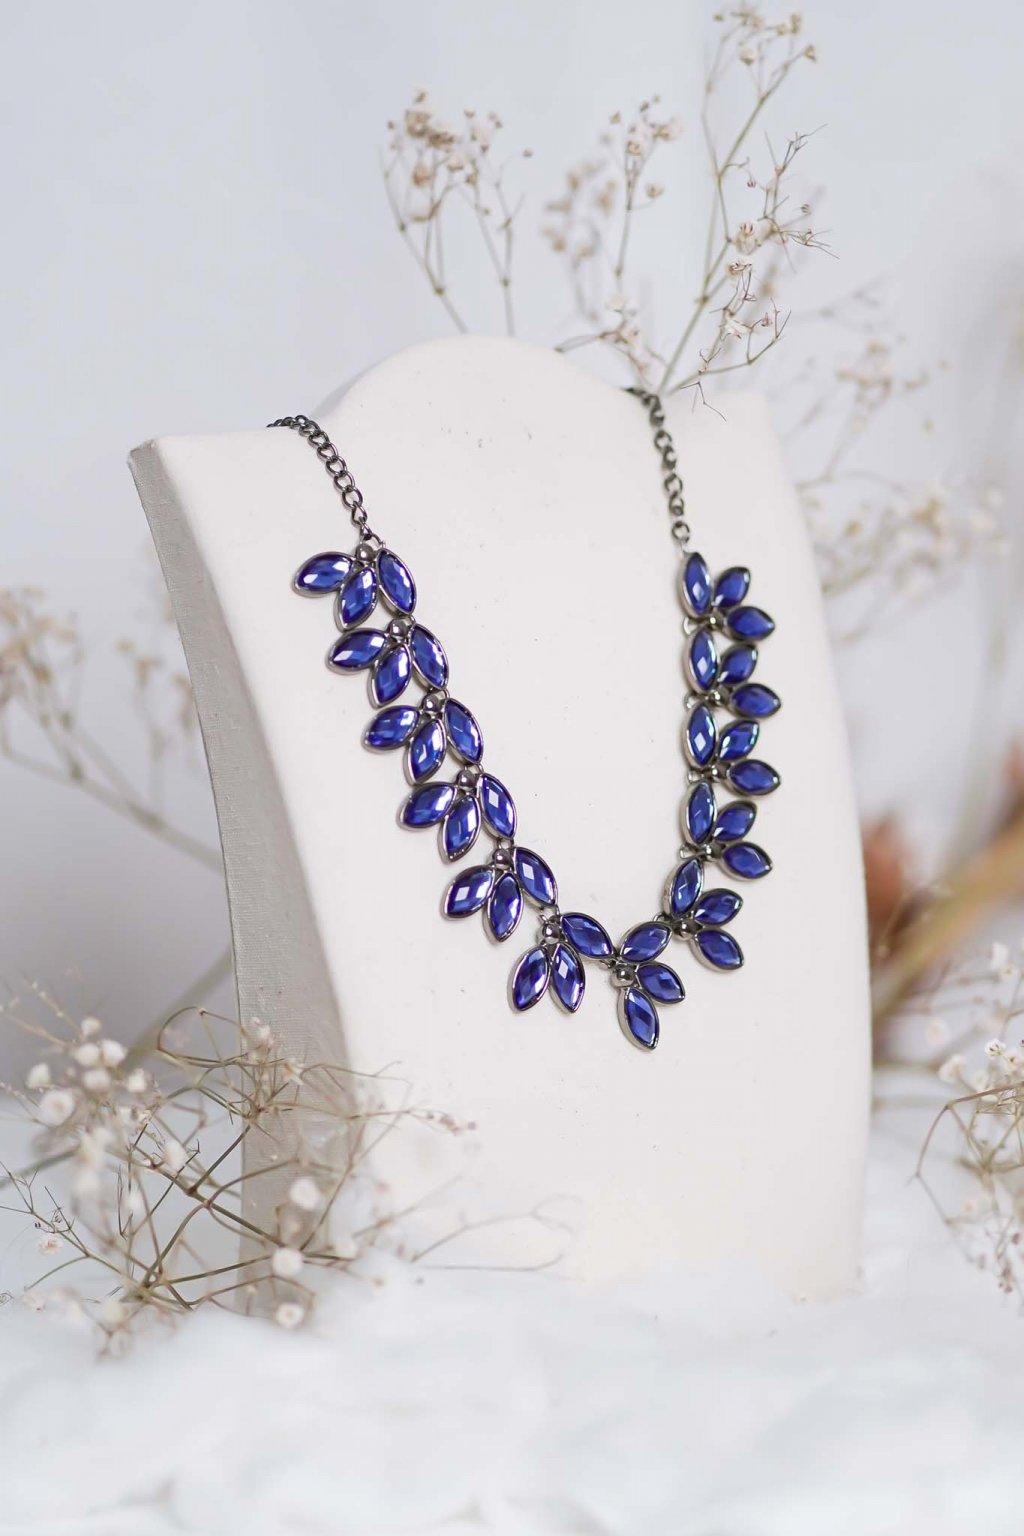 náhrdelník, spoločenský, bežný deň, kamienkový, farebný, čierny, strieborný, zelený, cyklamenévy, náhrdelník, bižuteria, šperk, šperky, ples, stužková, svadba, 037